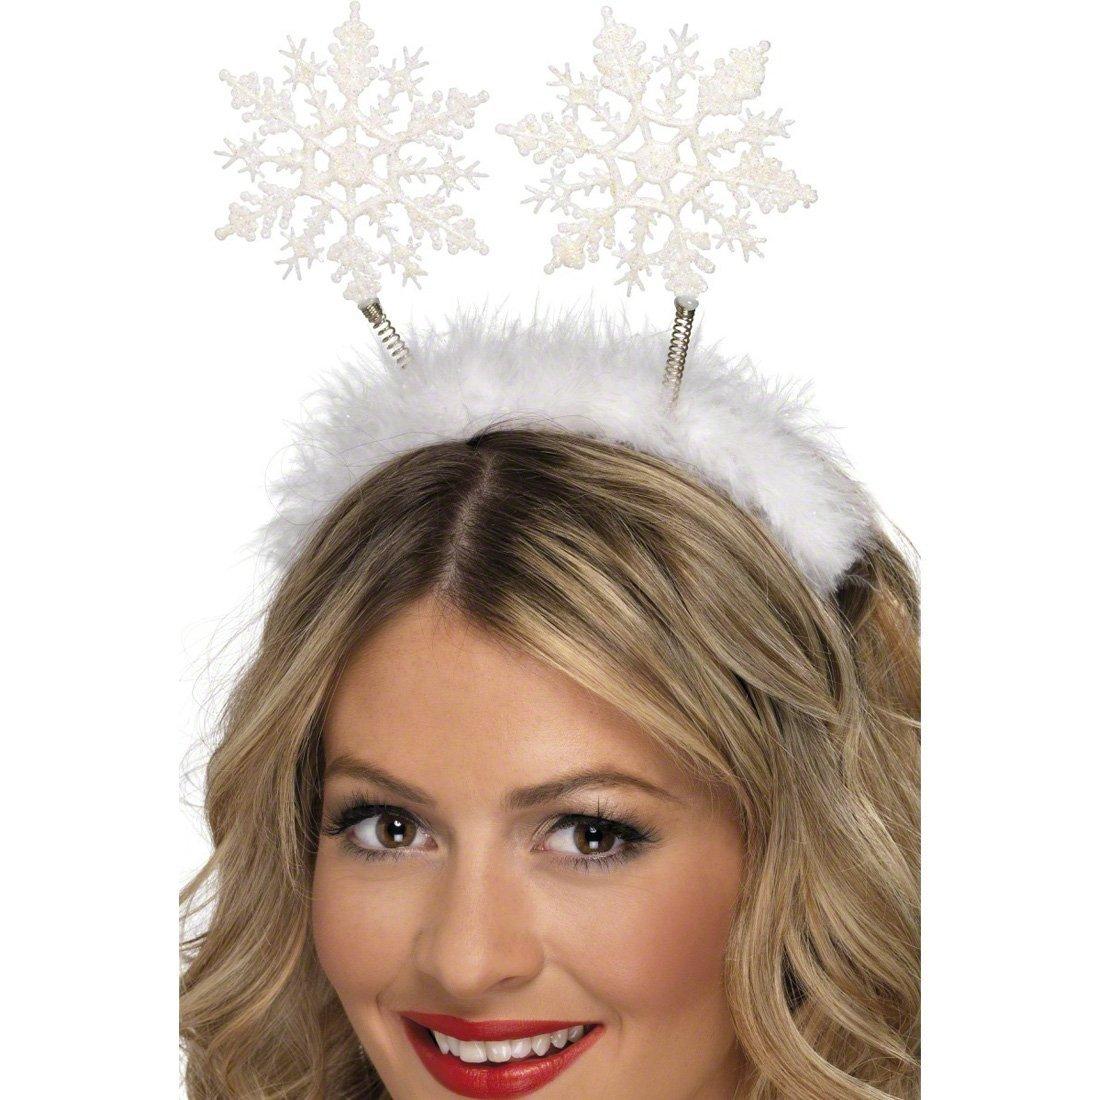 Diadema de Navidad con copos de nieve accesorios joyer/ía traje